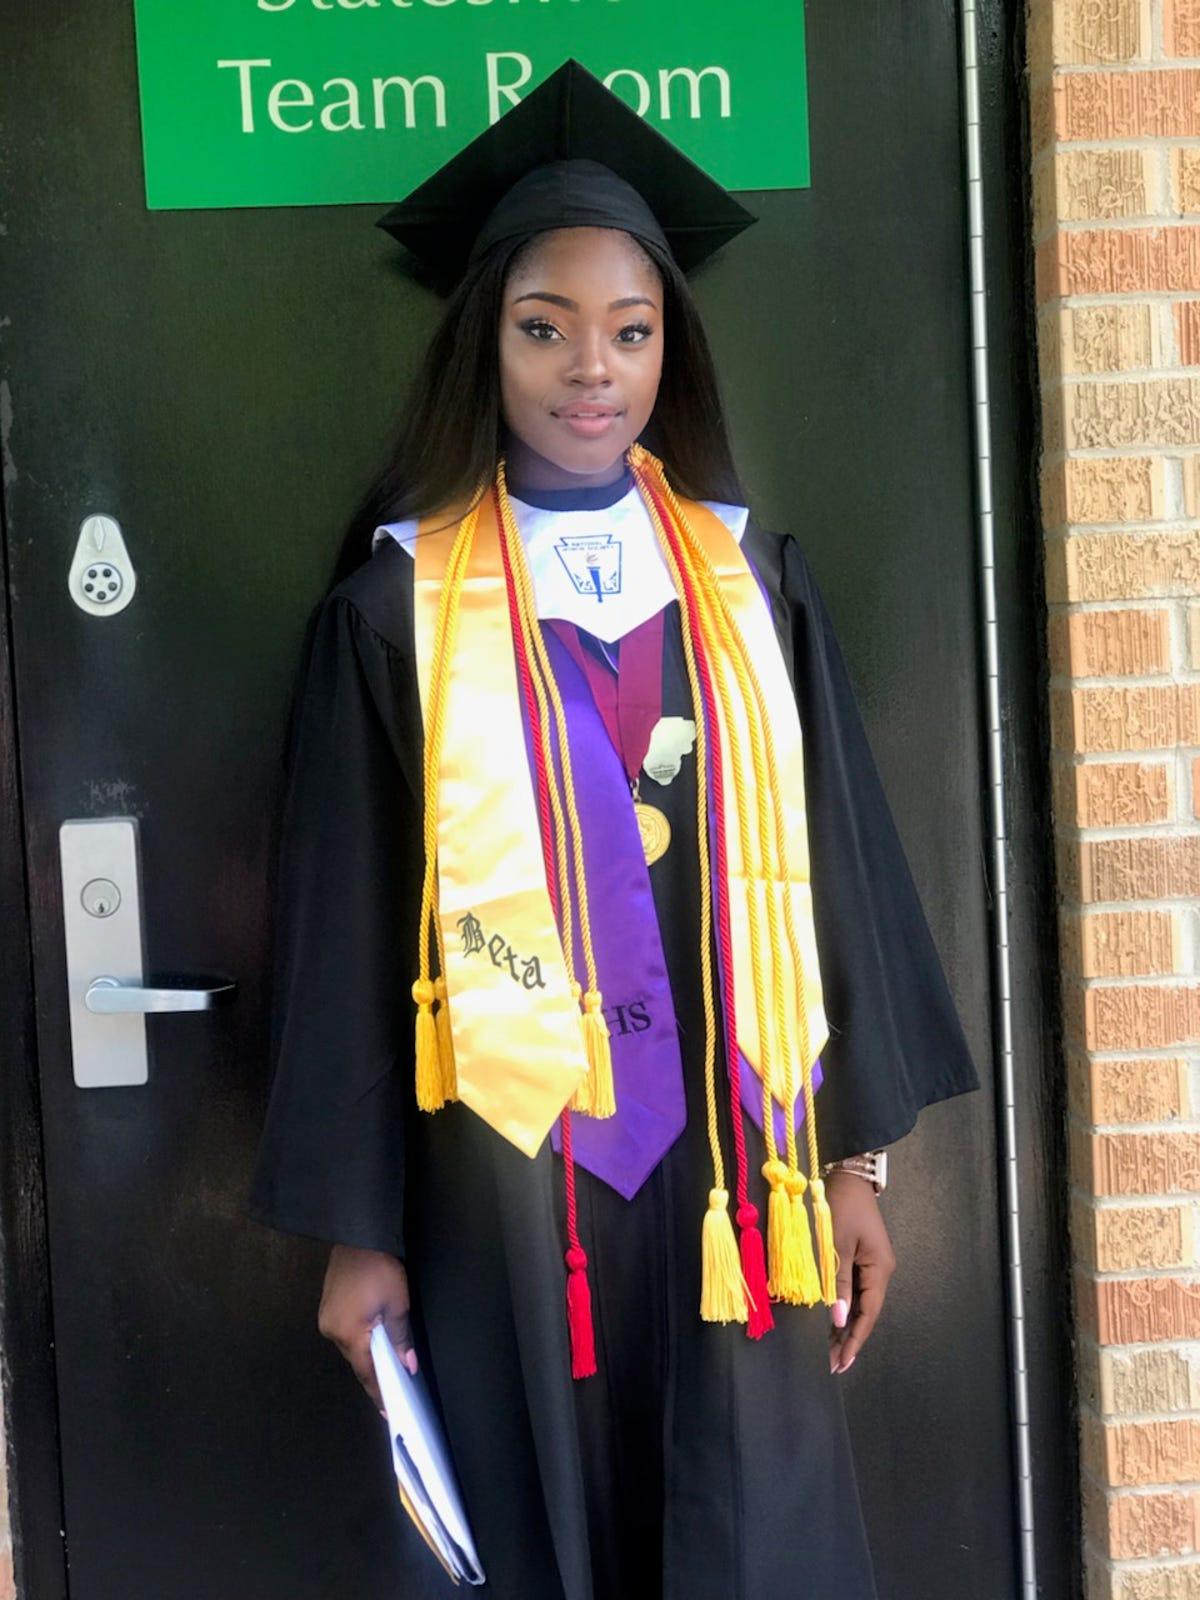 Lawsuit Alleges Mississippi Deprives >> Black Student Lost Salutatorian Due To Discrimination